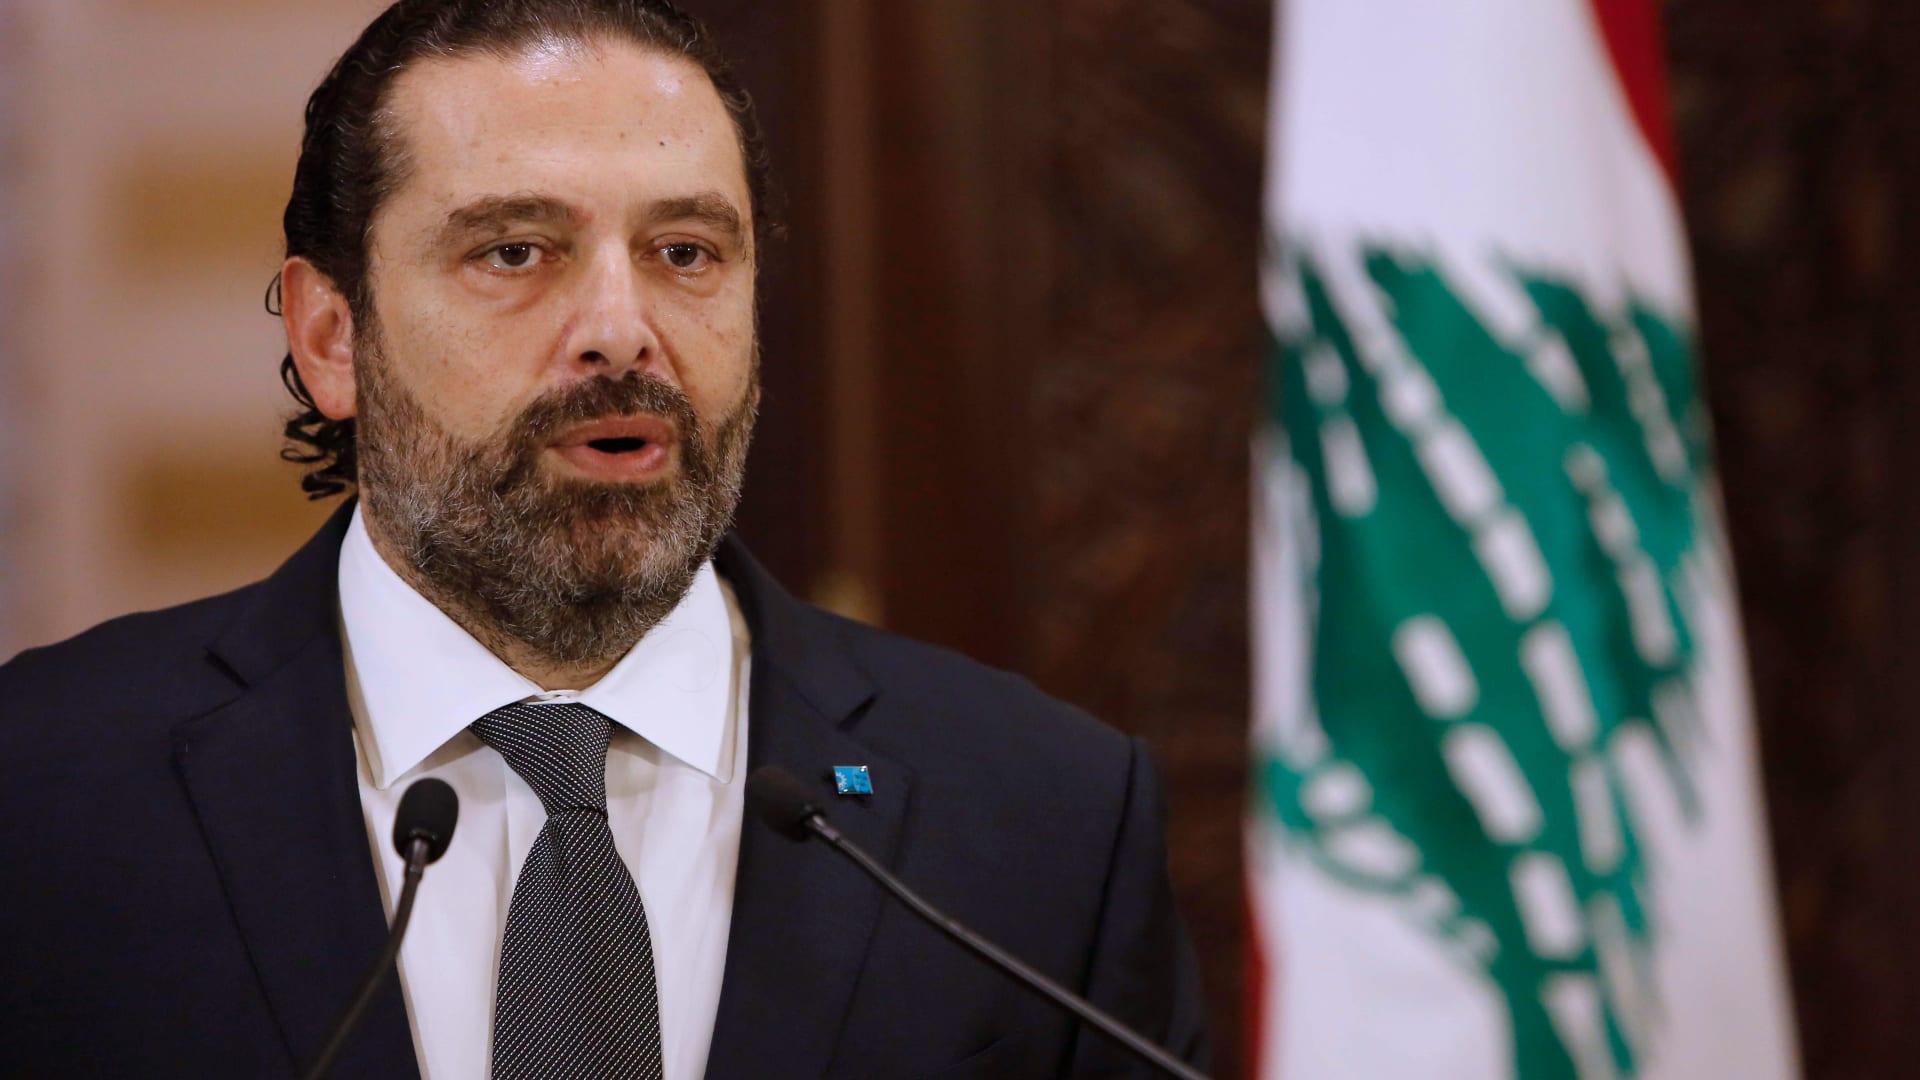 فراغ سياسي بعد استقالة الحريري.. إلى أين يتجه لبنان؟